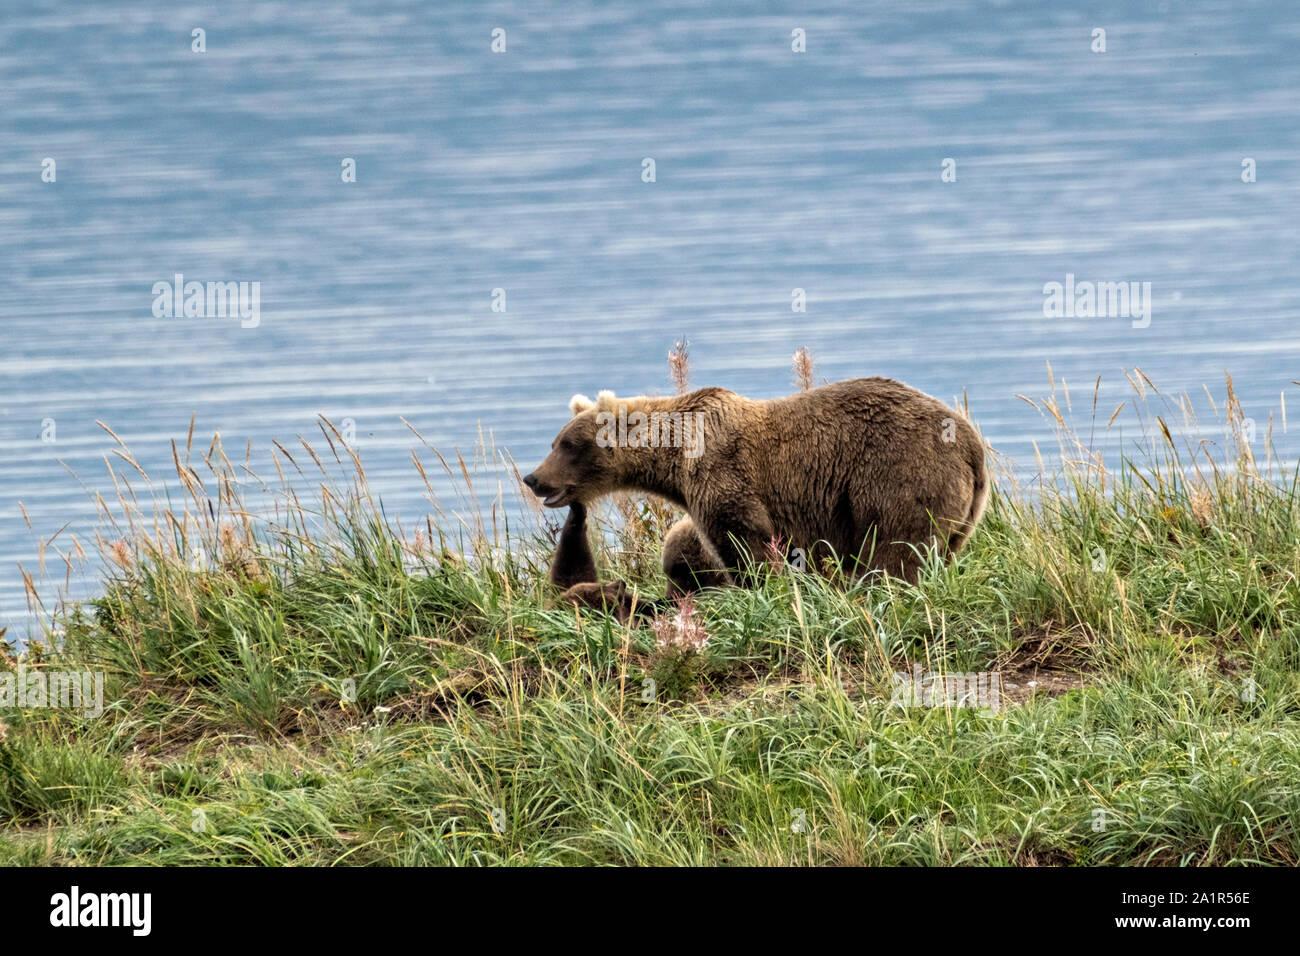 Ein Braunbär Jährling cub reicht bis seine Mutter zu berühren, wie sie auf dem Gras von naknek Lake im Katmai National Park September 16, 2019 in der Nähe von King Salmon, Alaska entspannen. Der Park erstreckt sich über die Weltgrößte Salmon Run mit fast 62 Millionen Lachse Migration durch die Ströme, die einige der größten Bären der Welt RSS-Feeds. Stockfoto